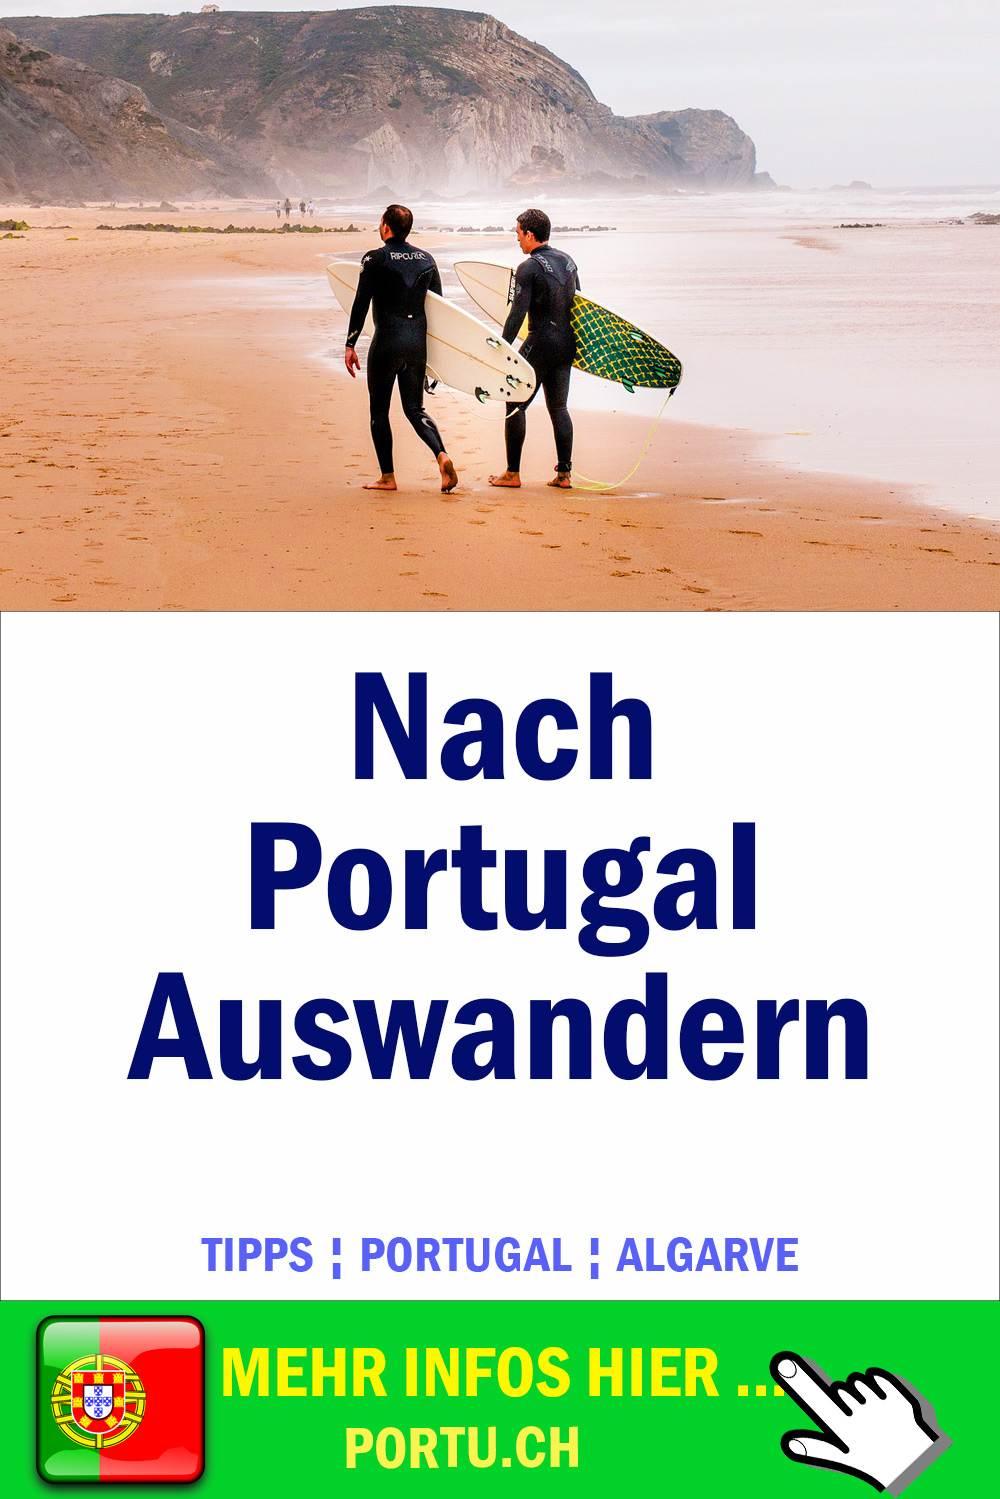 Nach-Portugal-Auswandern